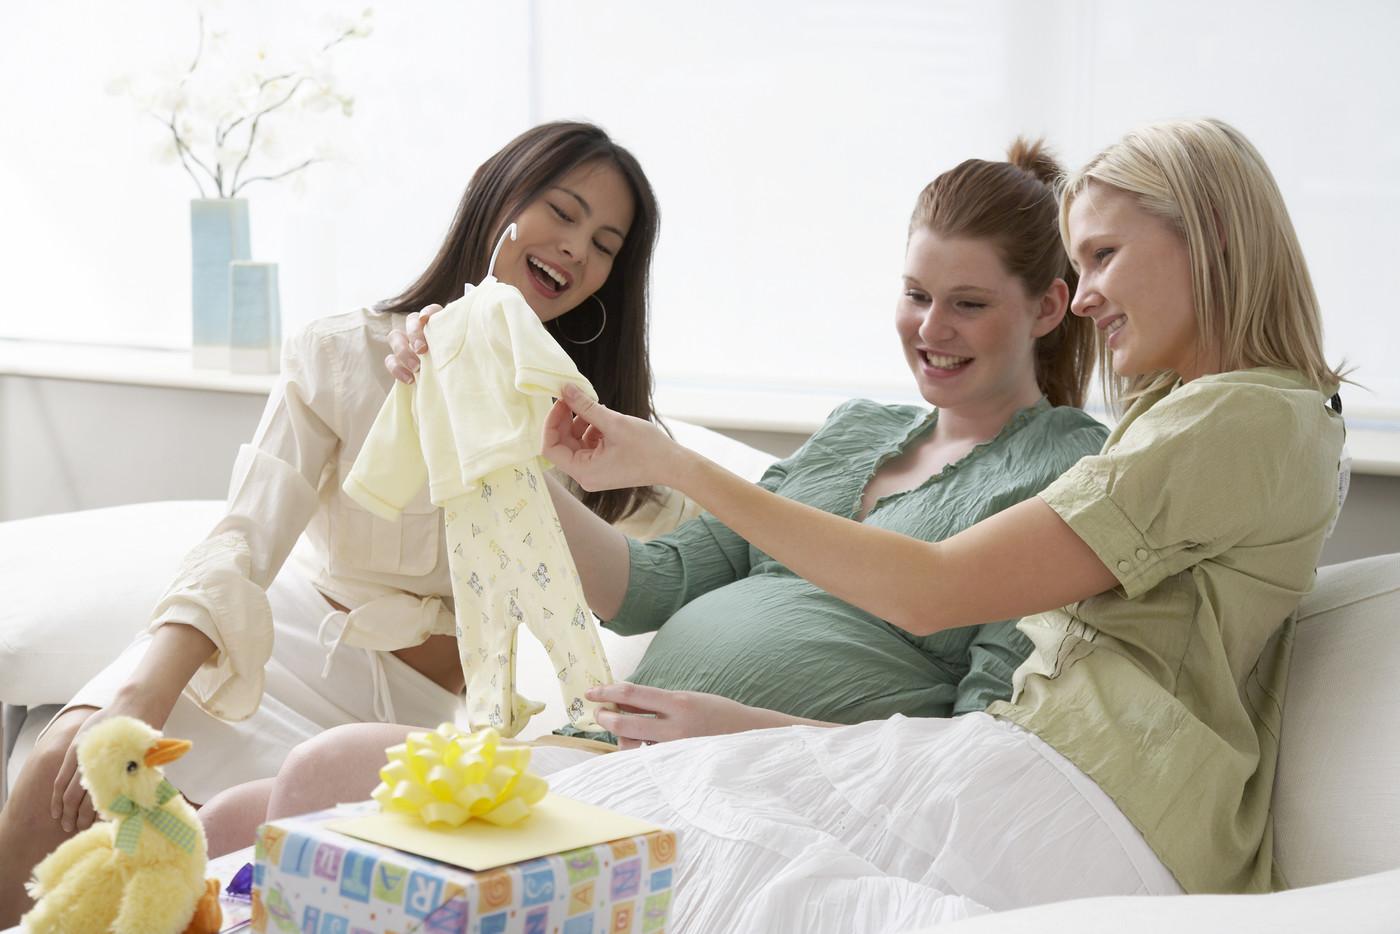 Сонник беременная подруга к чему снится беременная подруга во сне